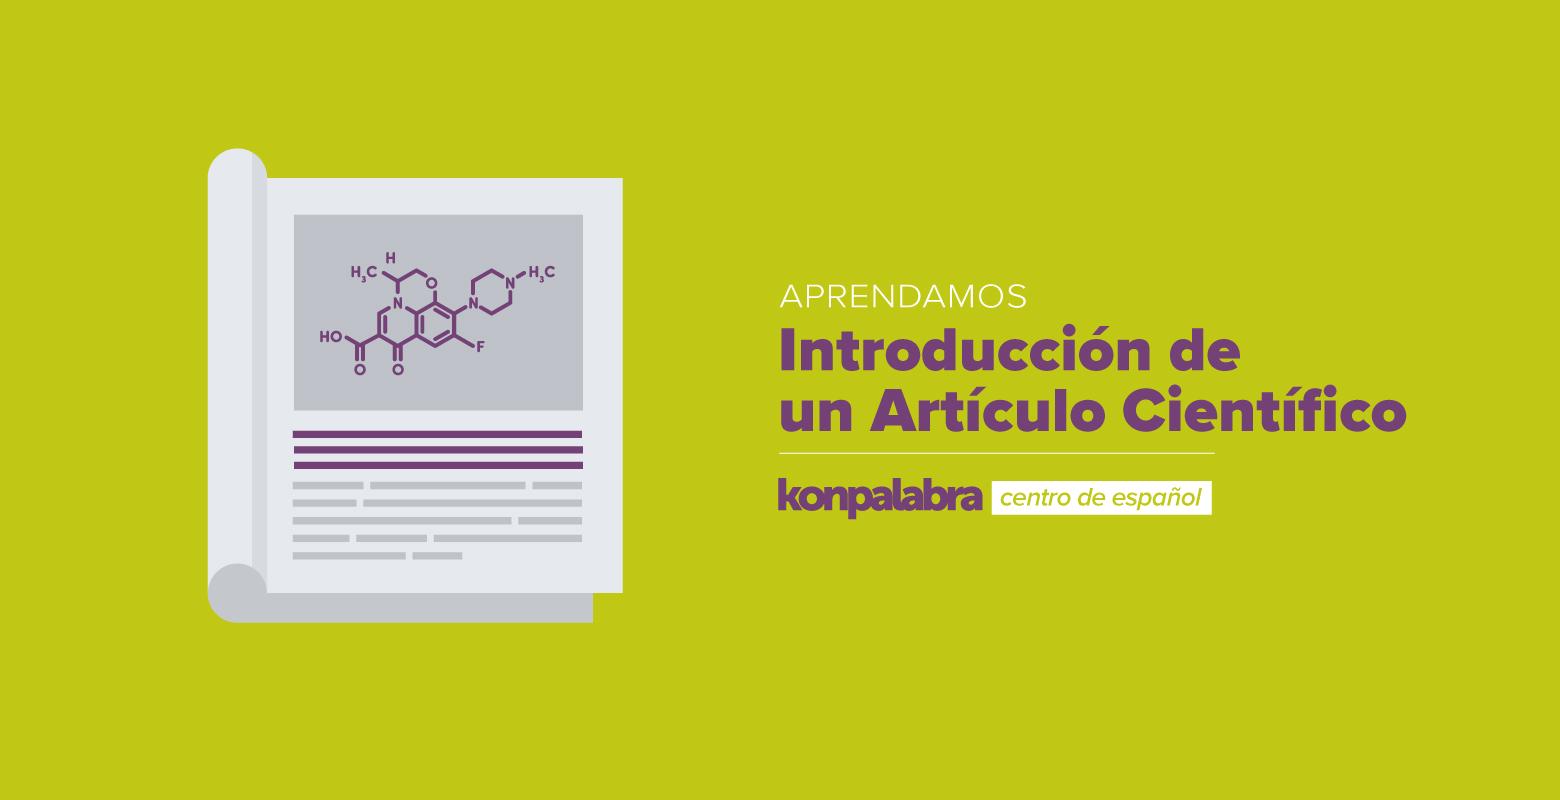 3. El artículo científico. La introducción